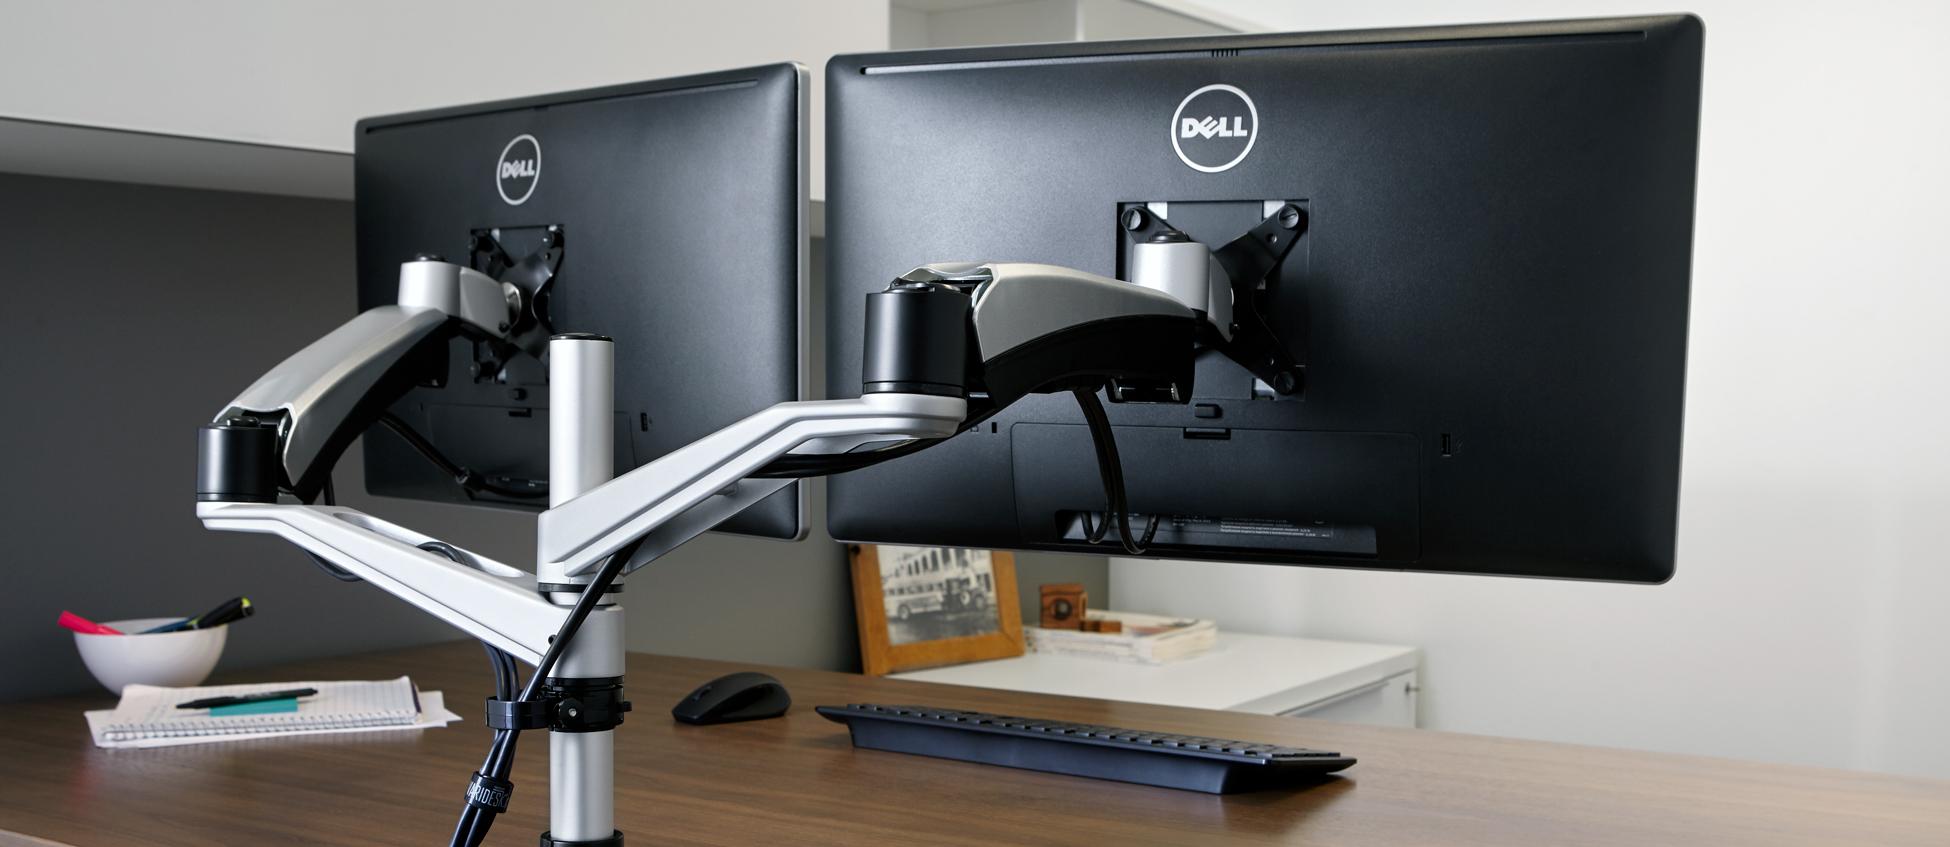 Bras support double écran Dual - Réduire les douleurs des épaules et de la nuque au travail